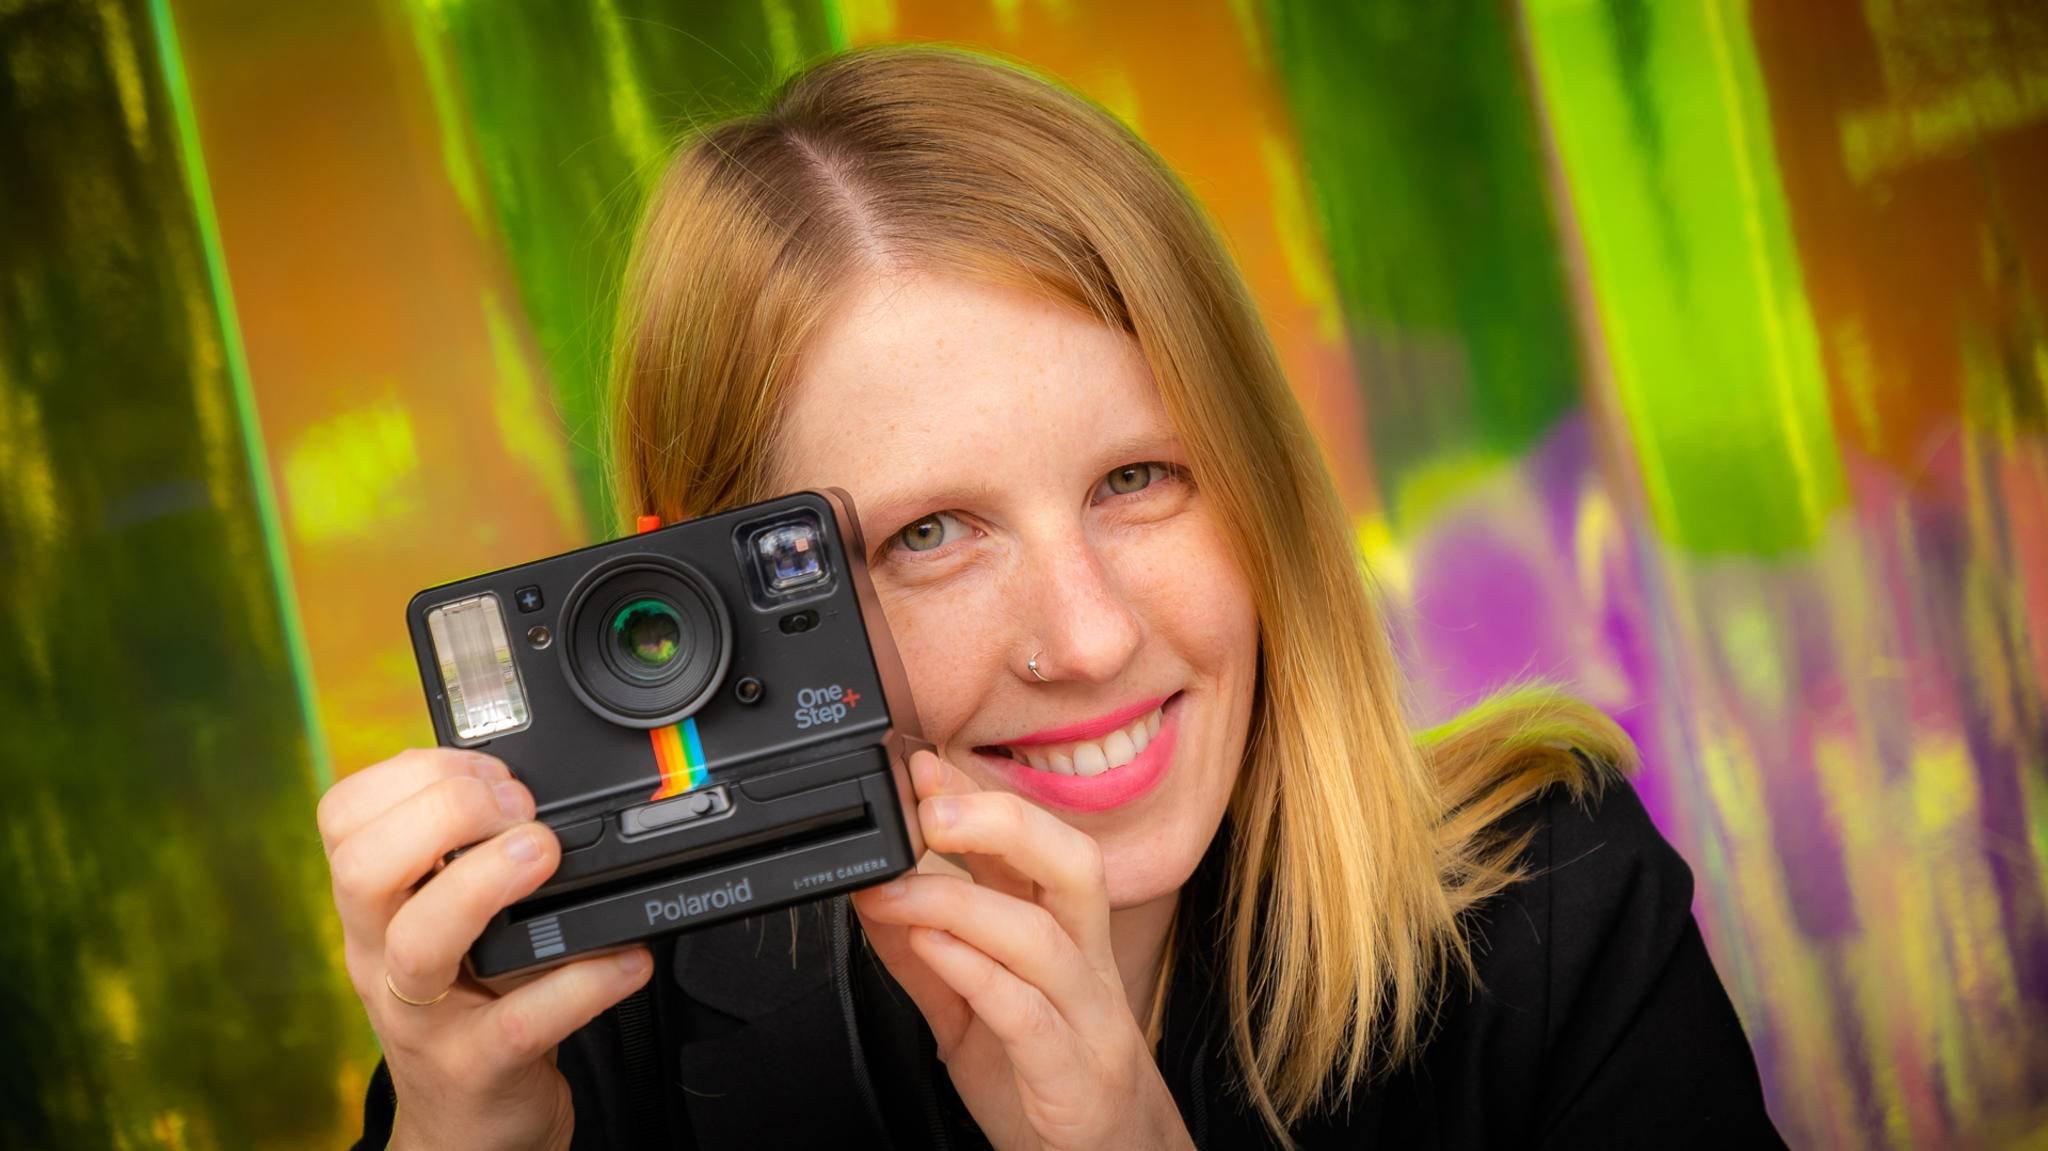 Wir durften die neue Polaroid OneStep+ direkt auf der IFA ausprobieren.